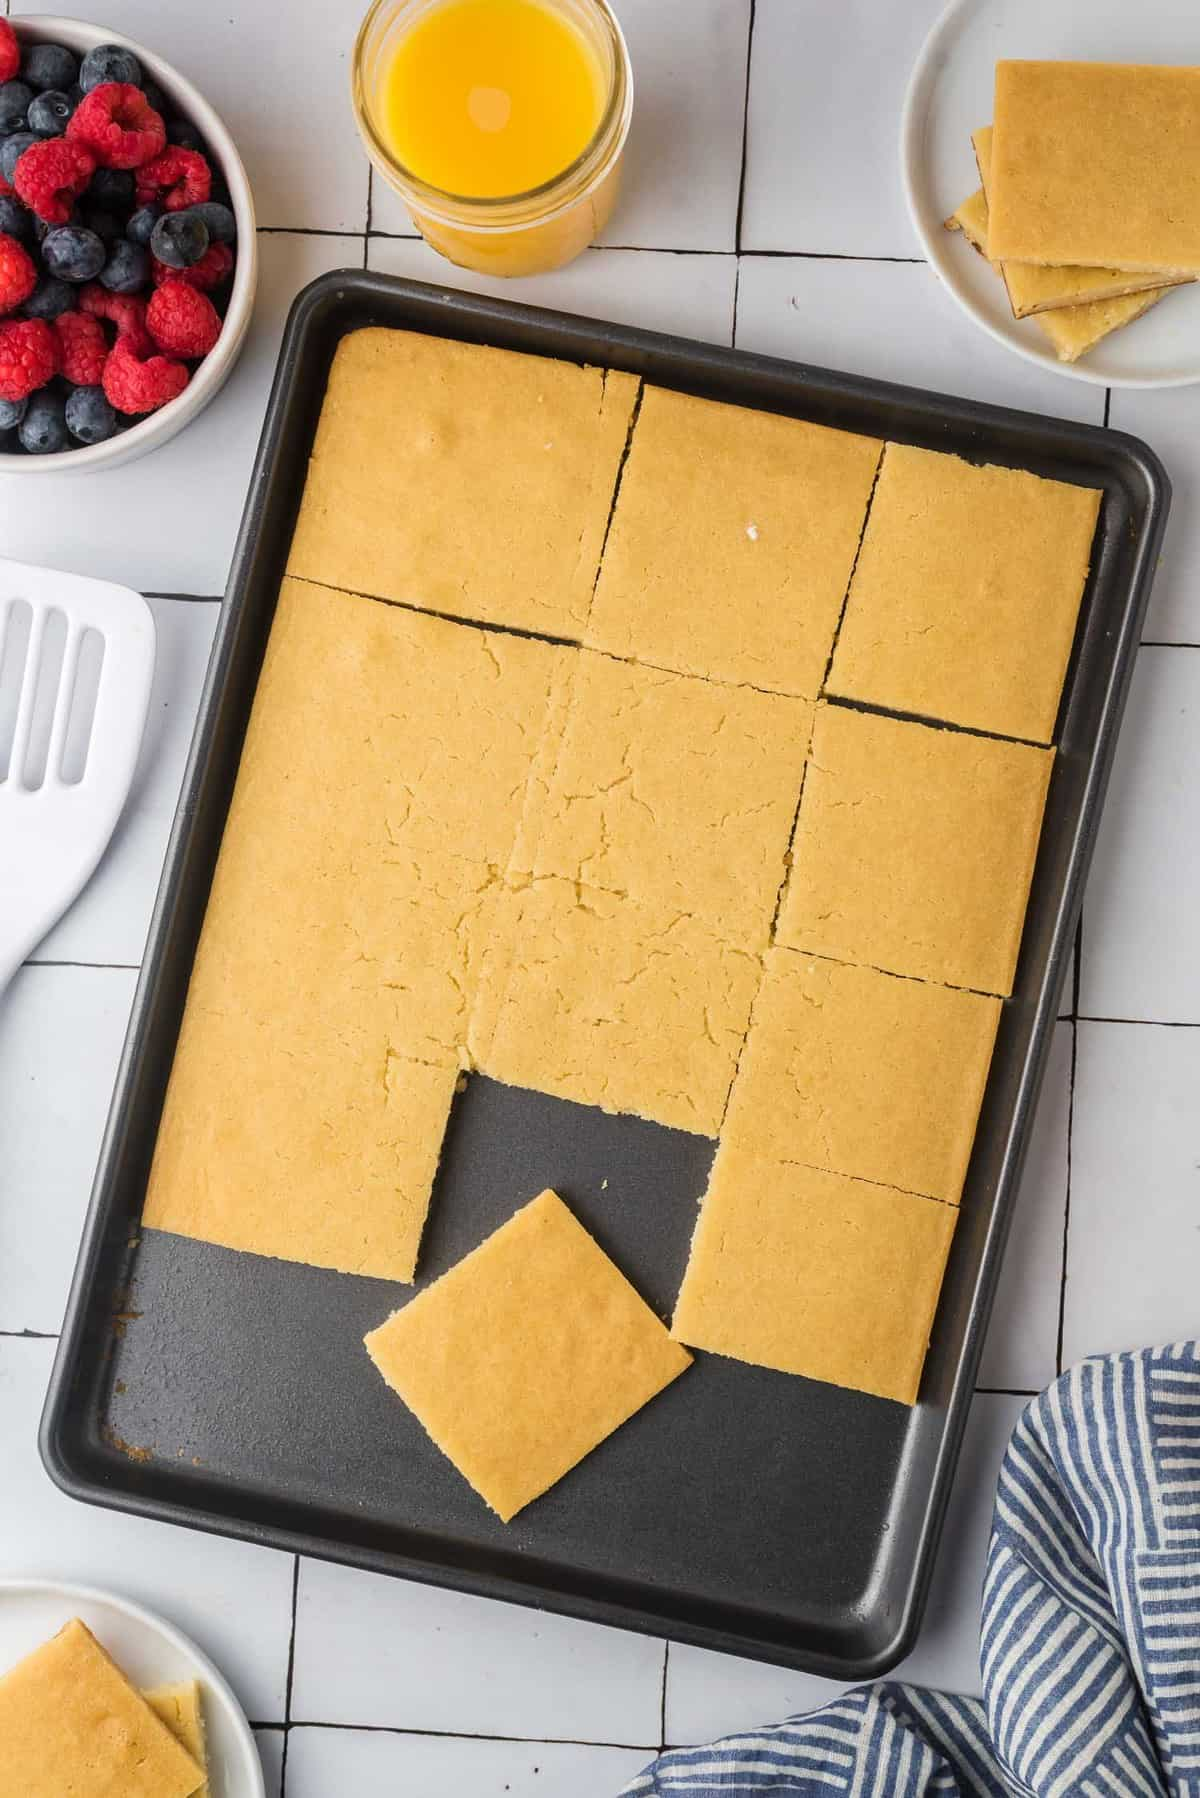 Pancakes on a sheet pan.